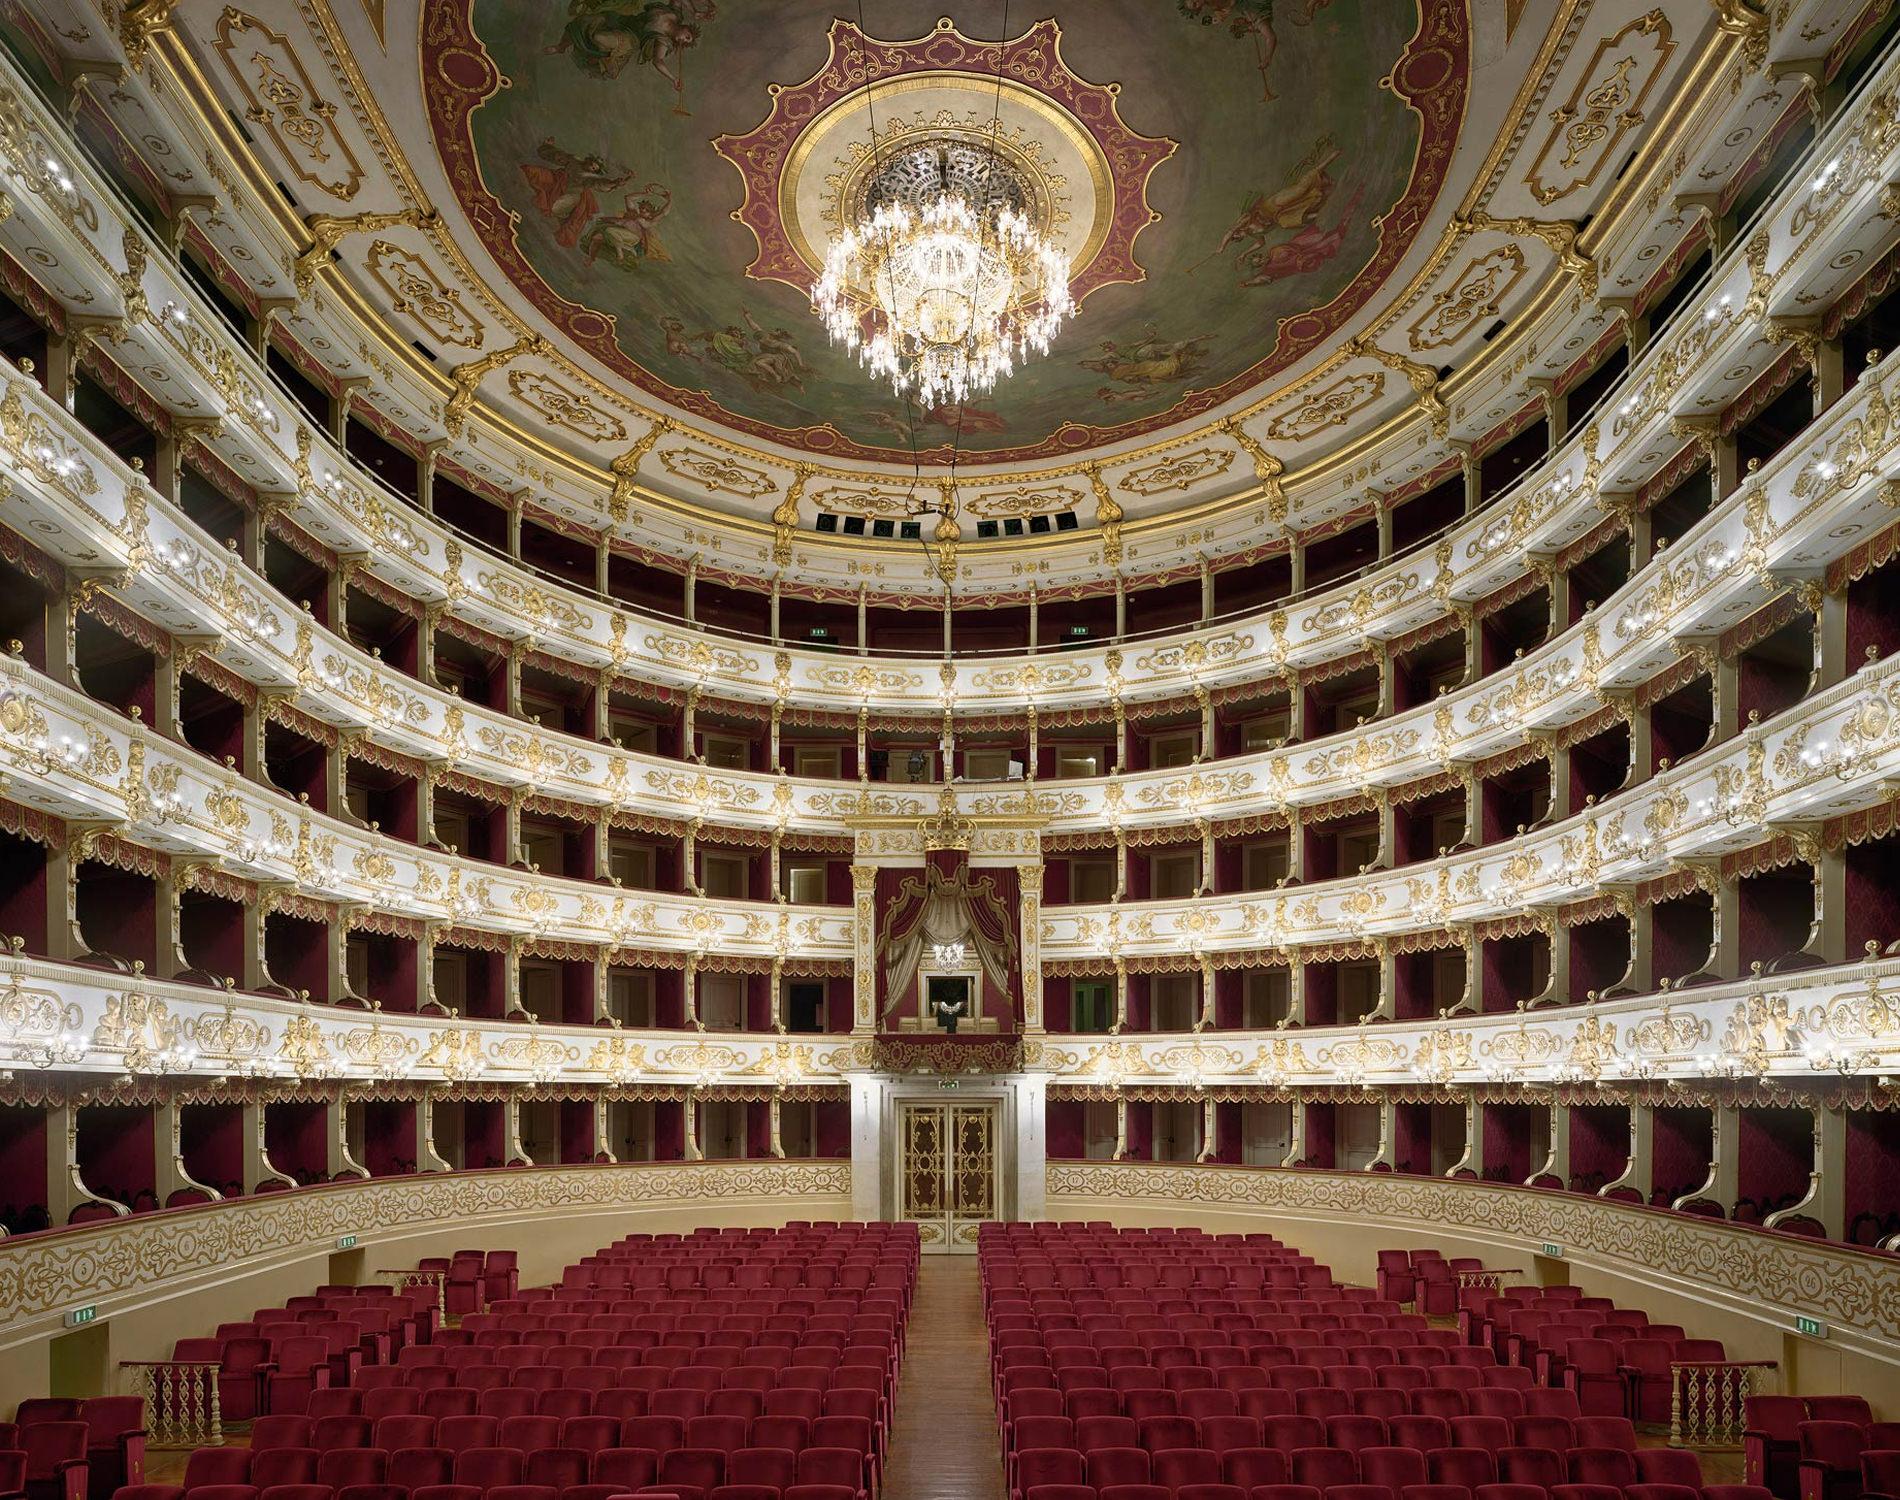 David Leventi Serie Photographie Opera Teatro Regio Di Parma Parme Italie 2010